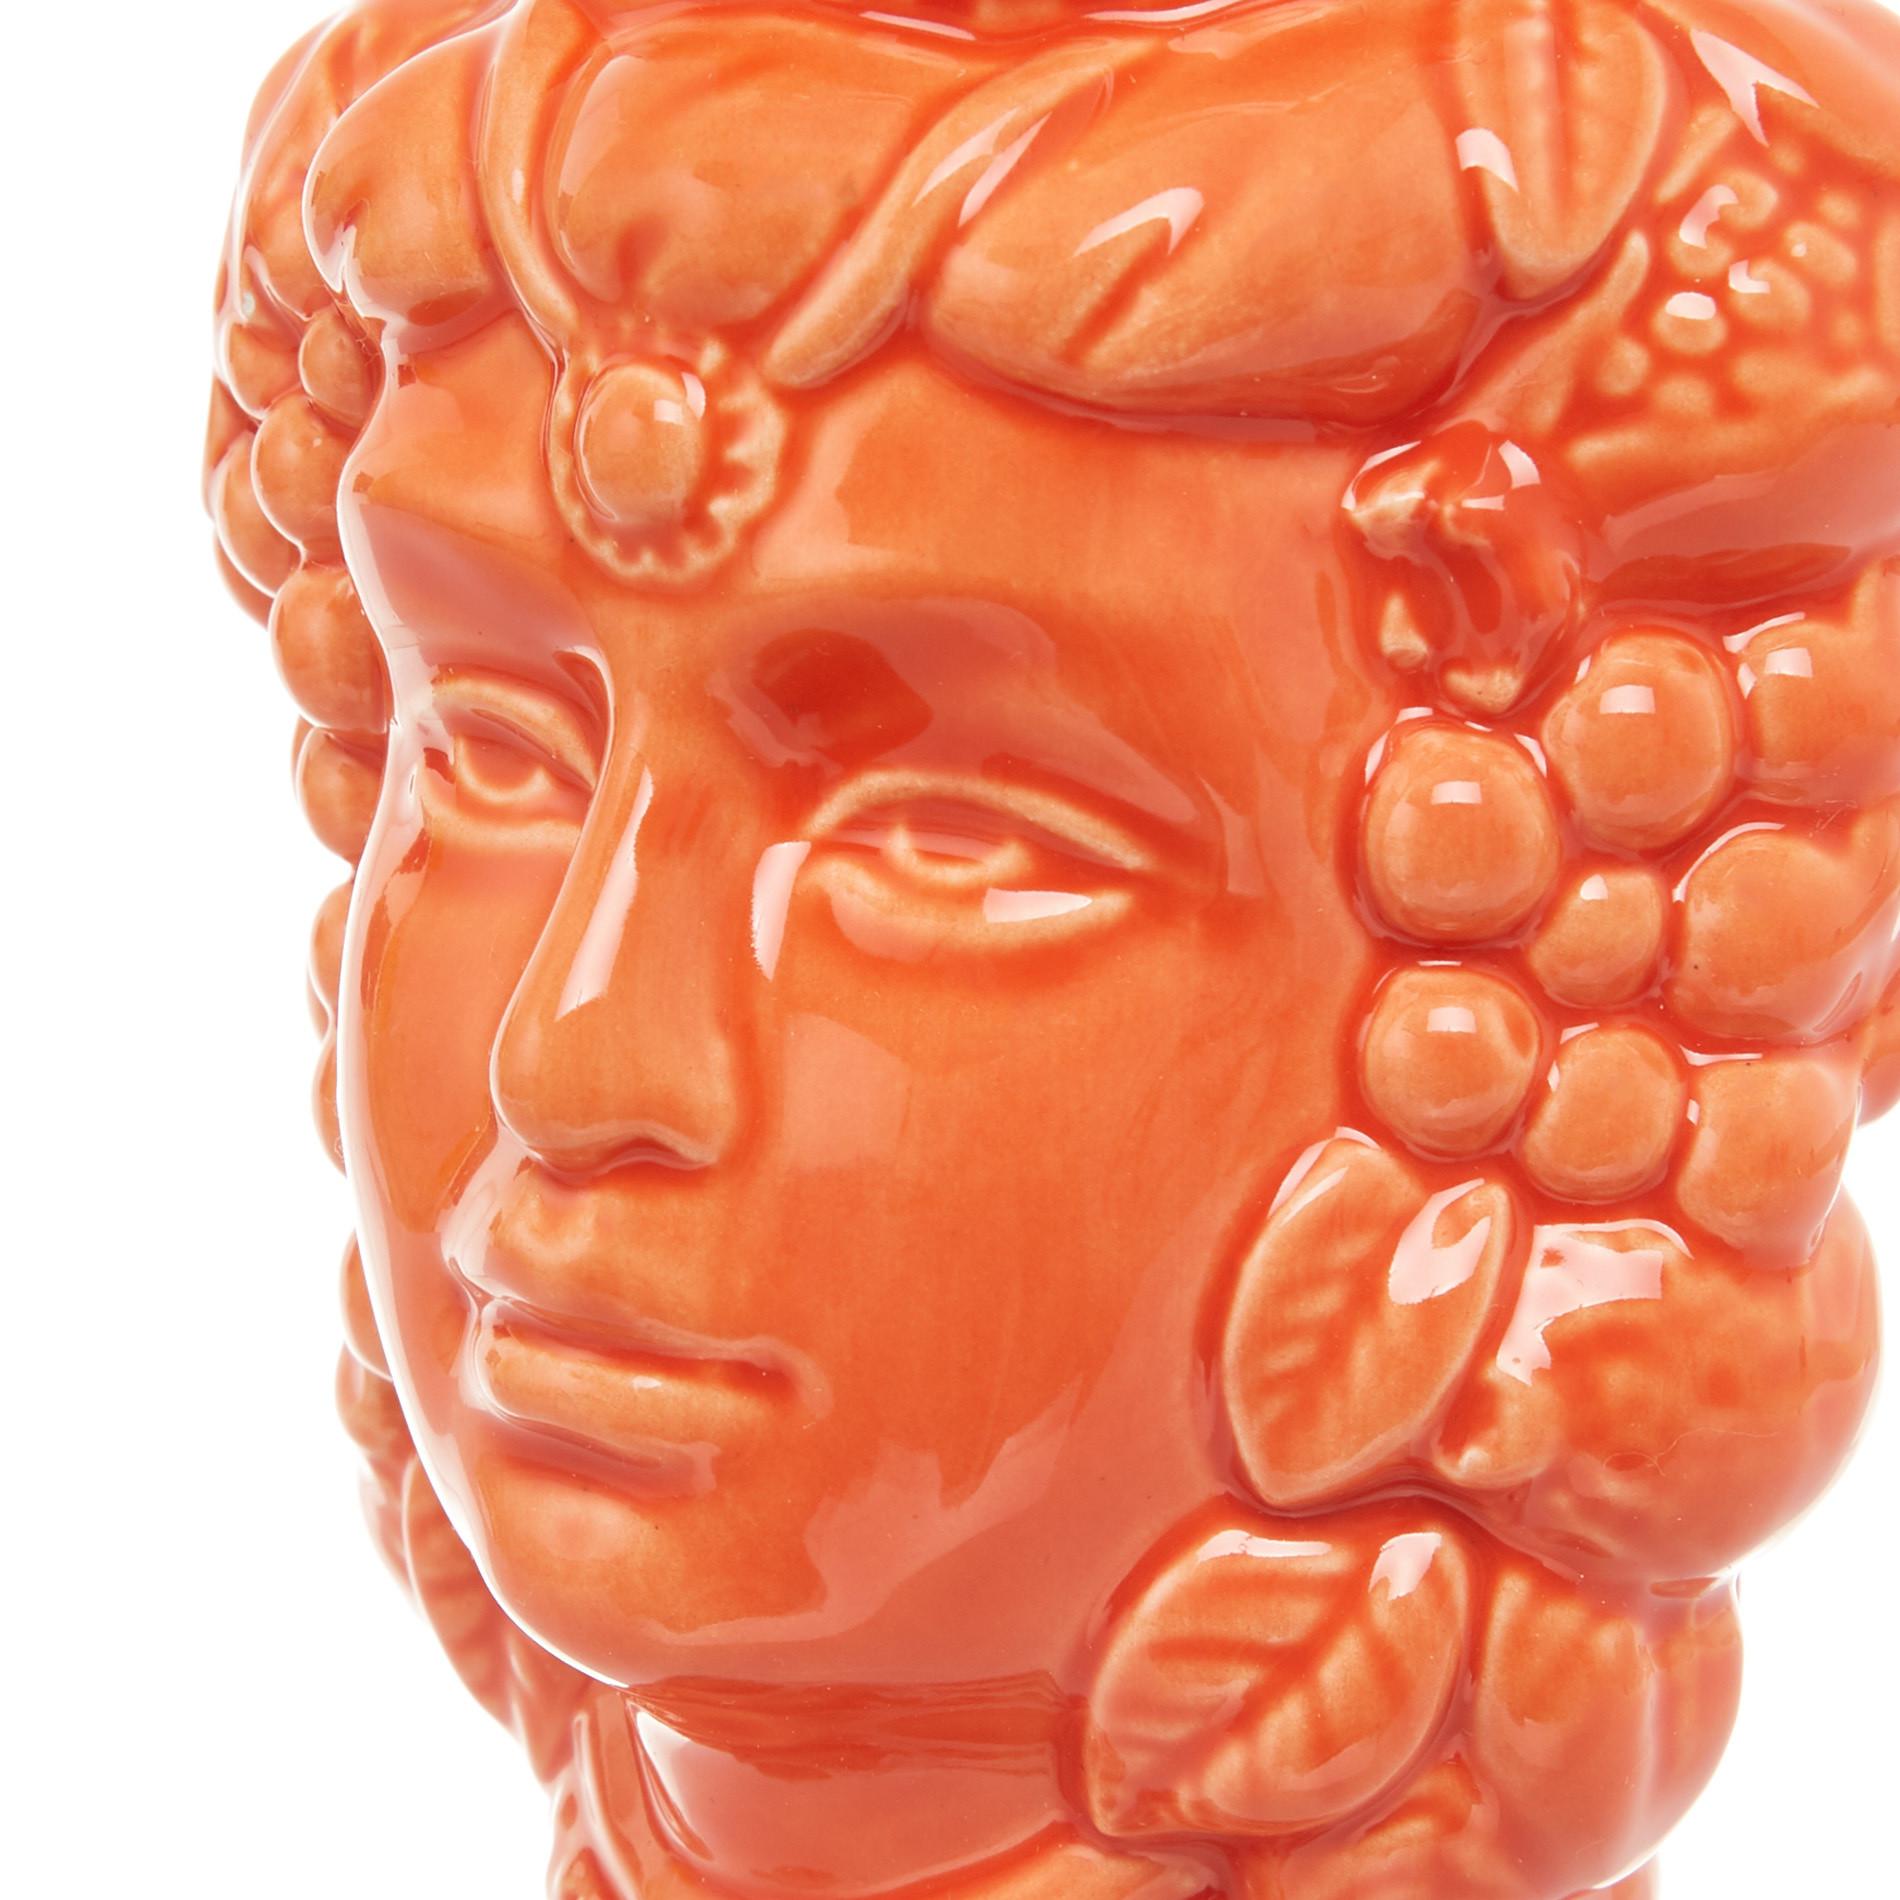 Testa di moro by Ceramiche Siciliane Ruggeri, Arancione, large image number 3